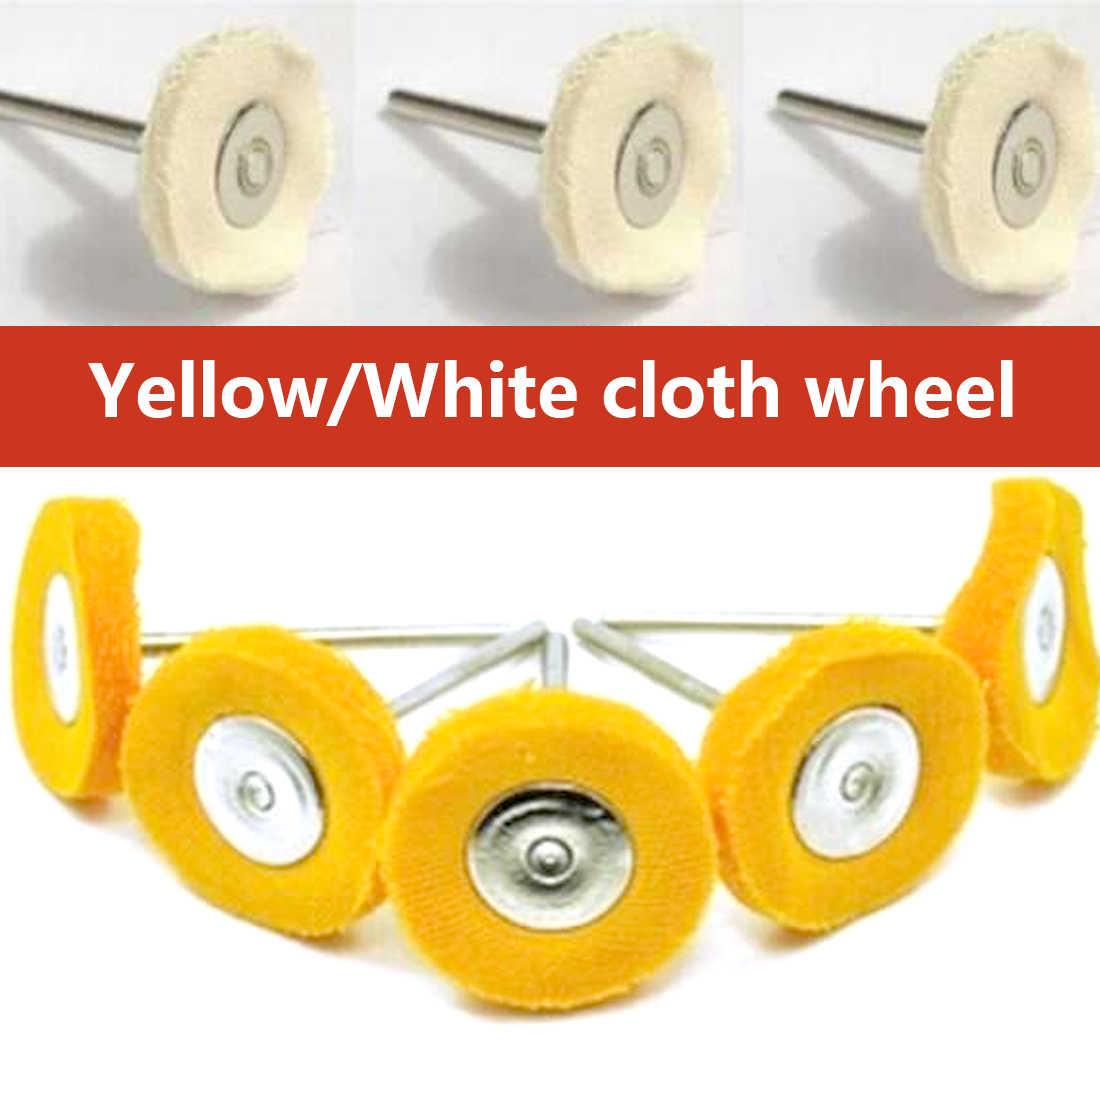 Полировка шлифовальные круглые насадки мягкая щетка 10 шт./компл. ручка ткань для полировки ювелирных изделий колесо для Dremel аксессуары